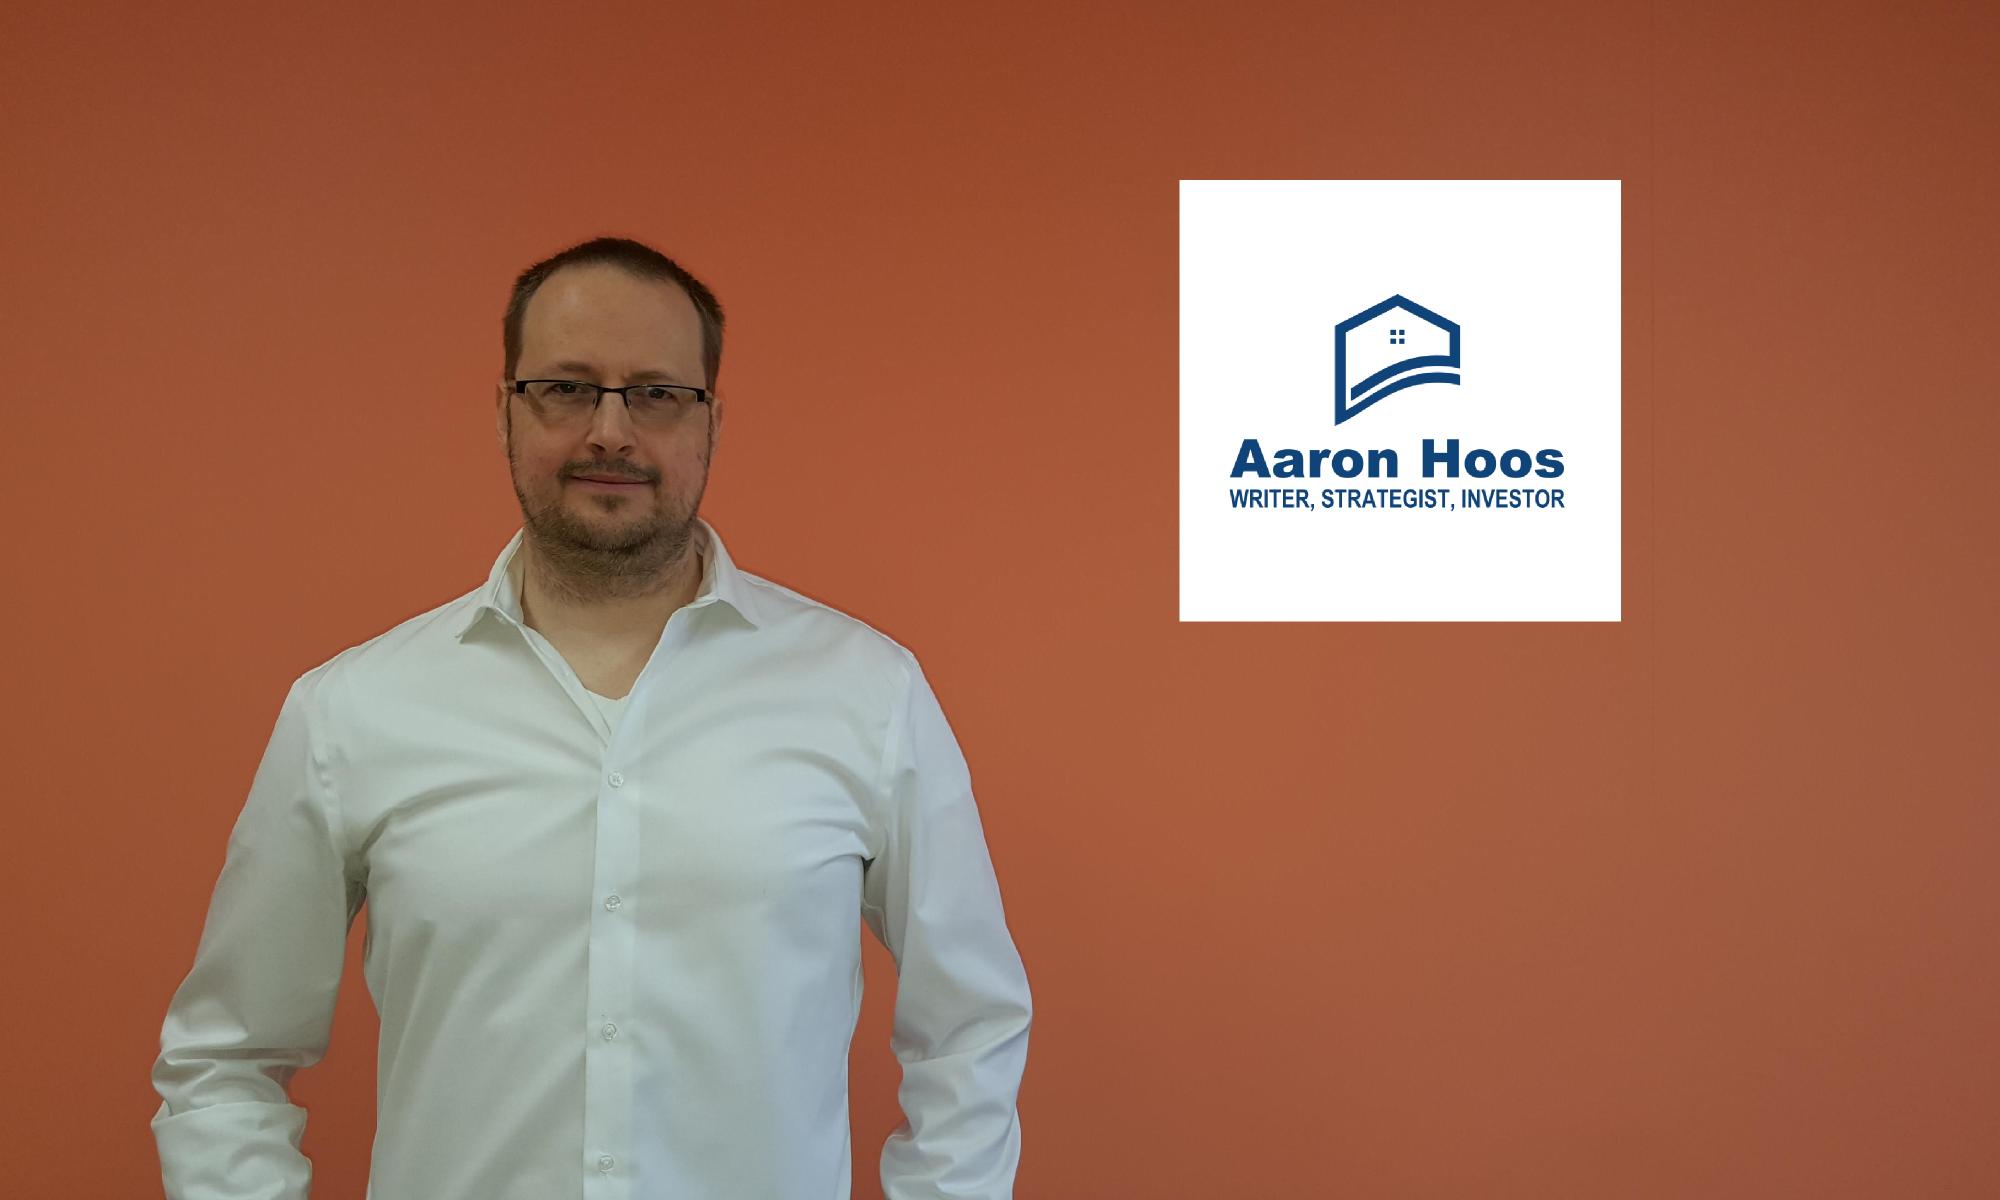 Aaron Hoos